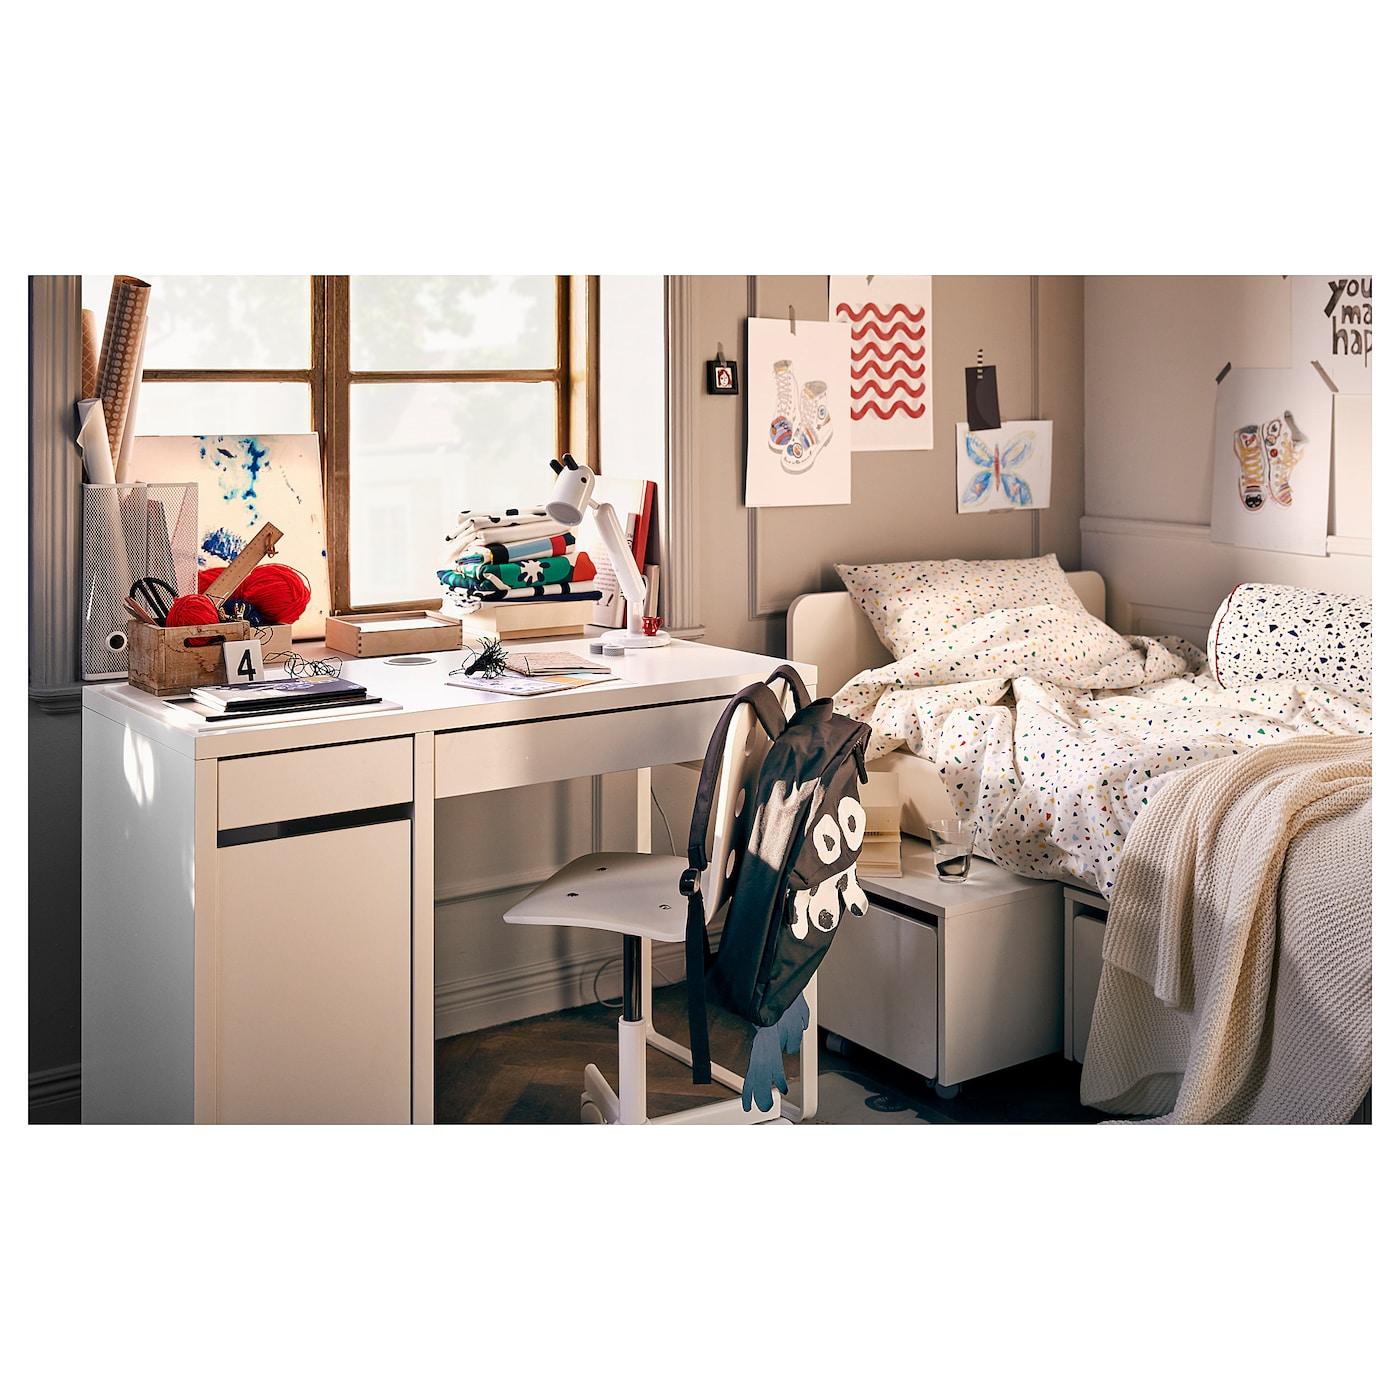 Micke Scrivania Bianco 105x50 Cm Leggi I Dettagli Del Prodotto Clicca Qui Ikea It